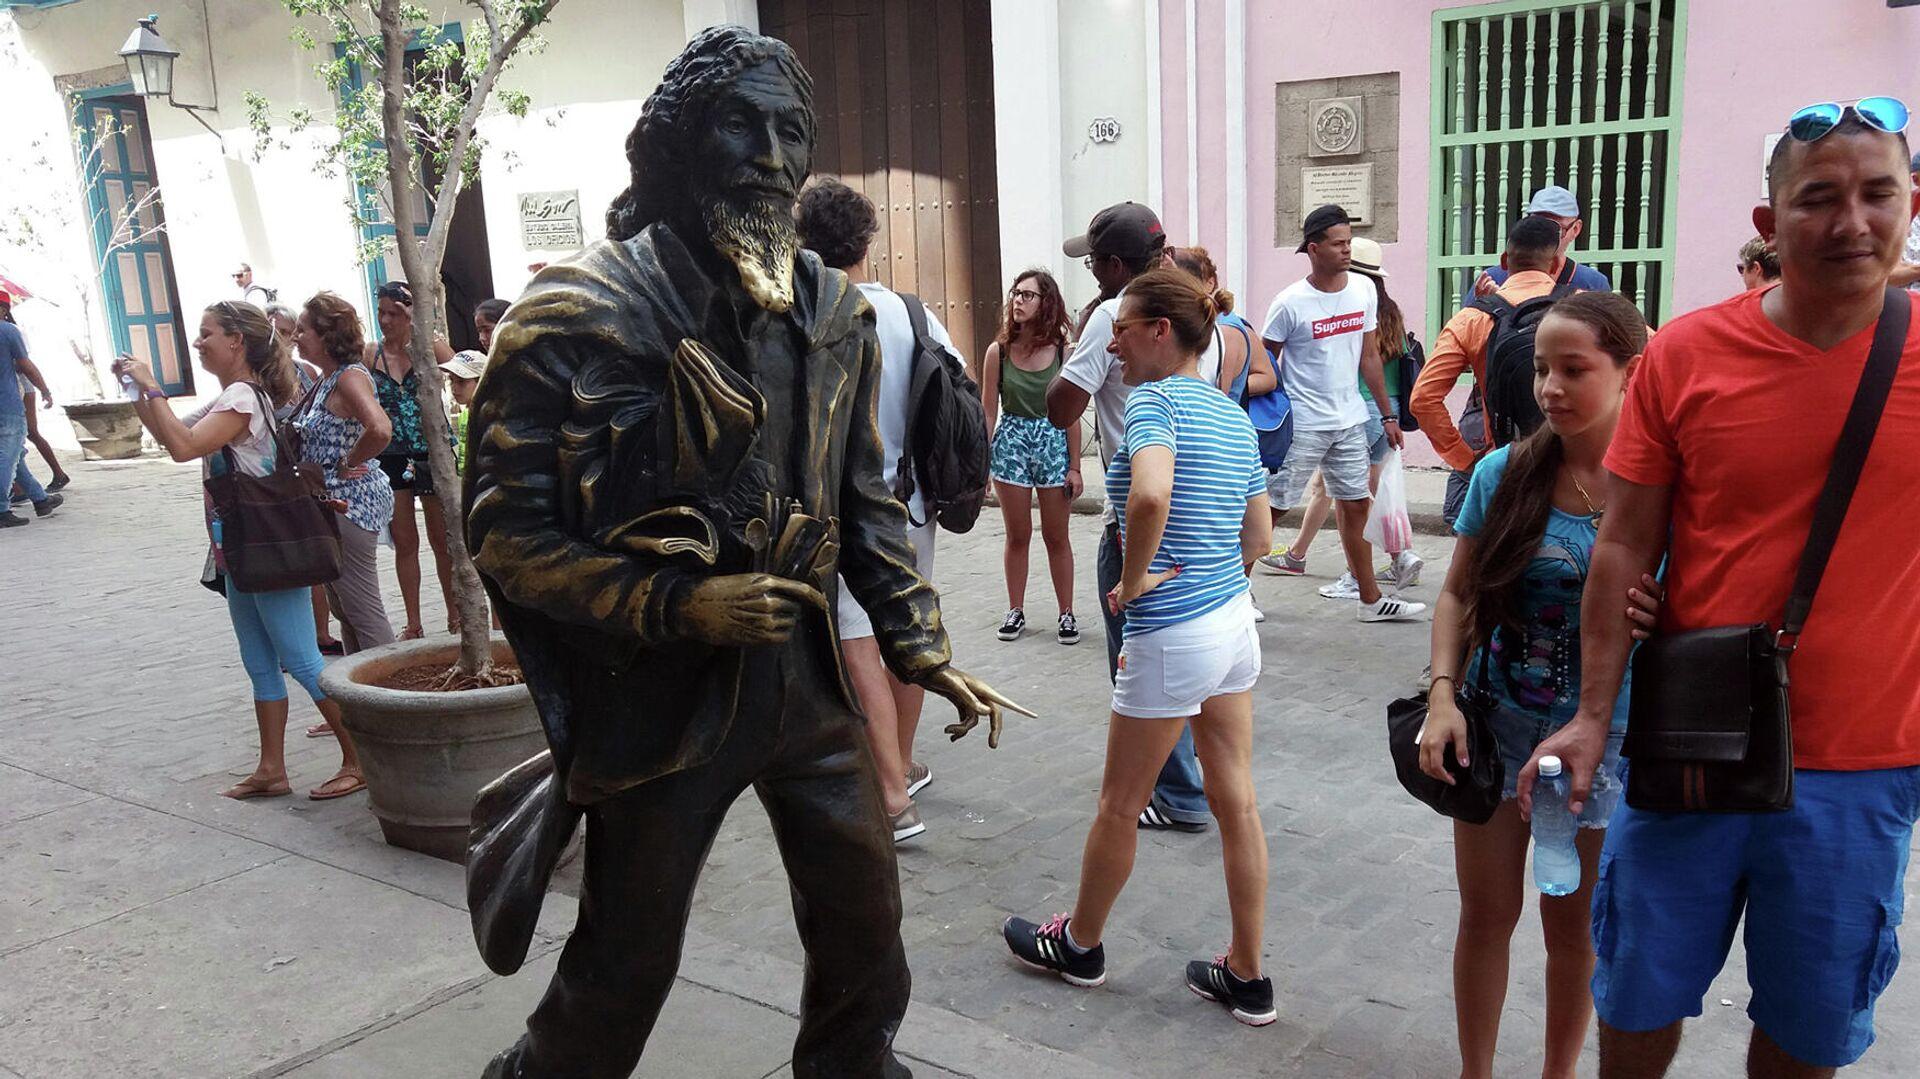 Estatua 'Caballero de París' en La Habana - Sputnik Mundo, 1920, 11.05.2021